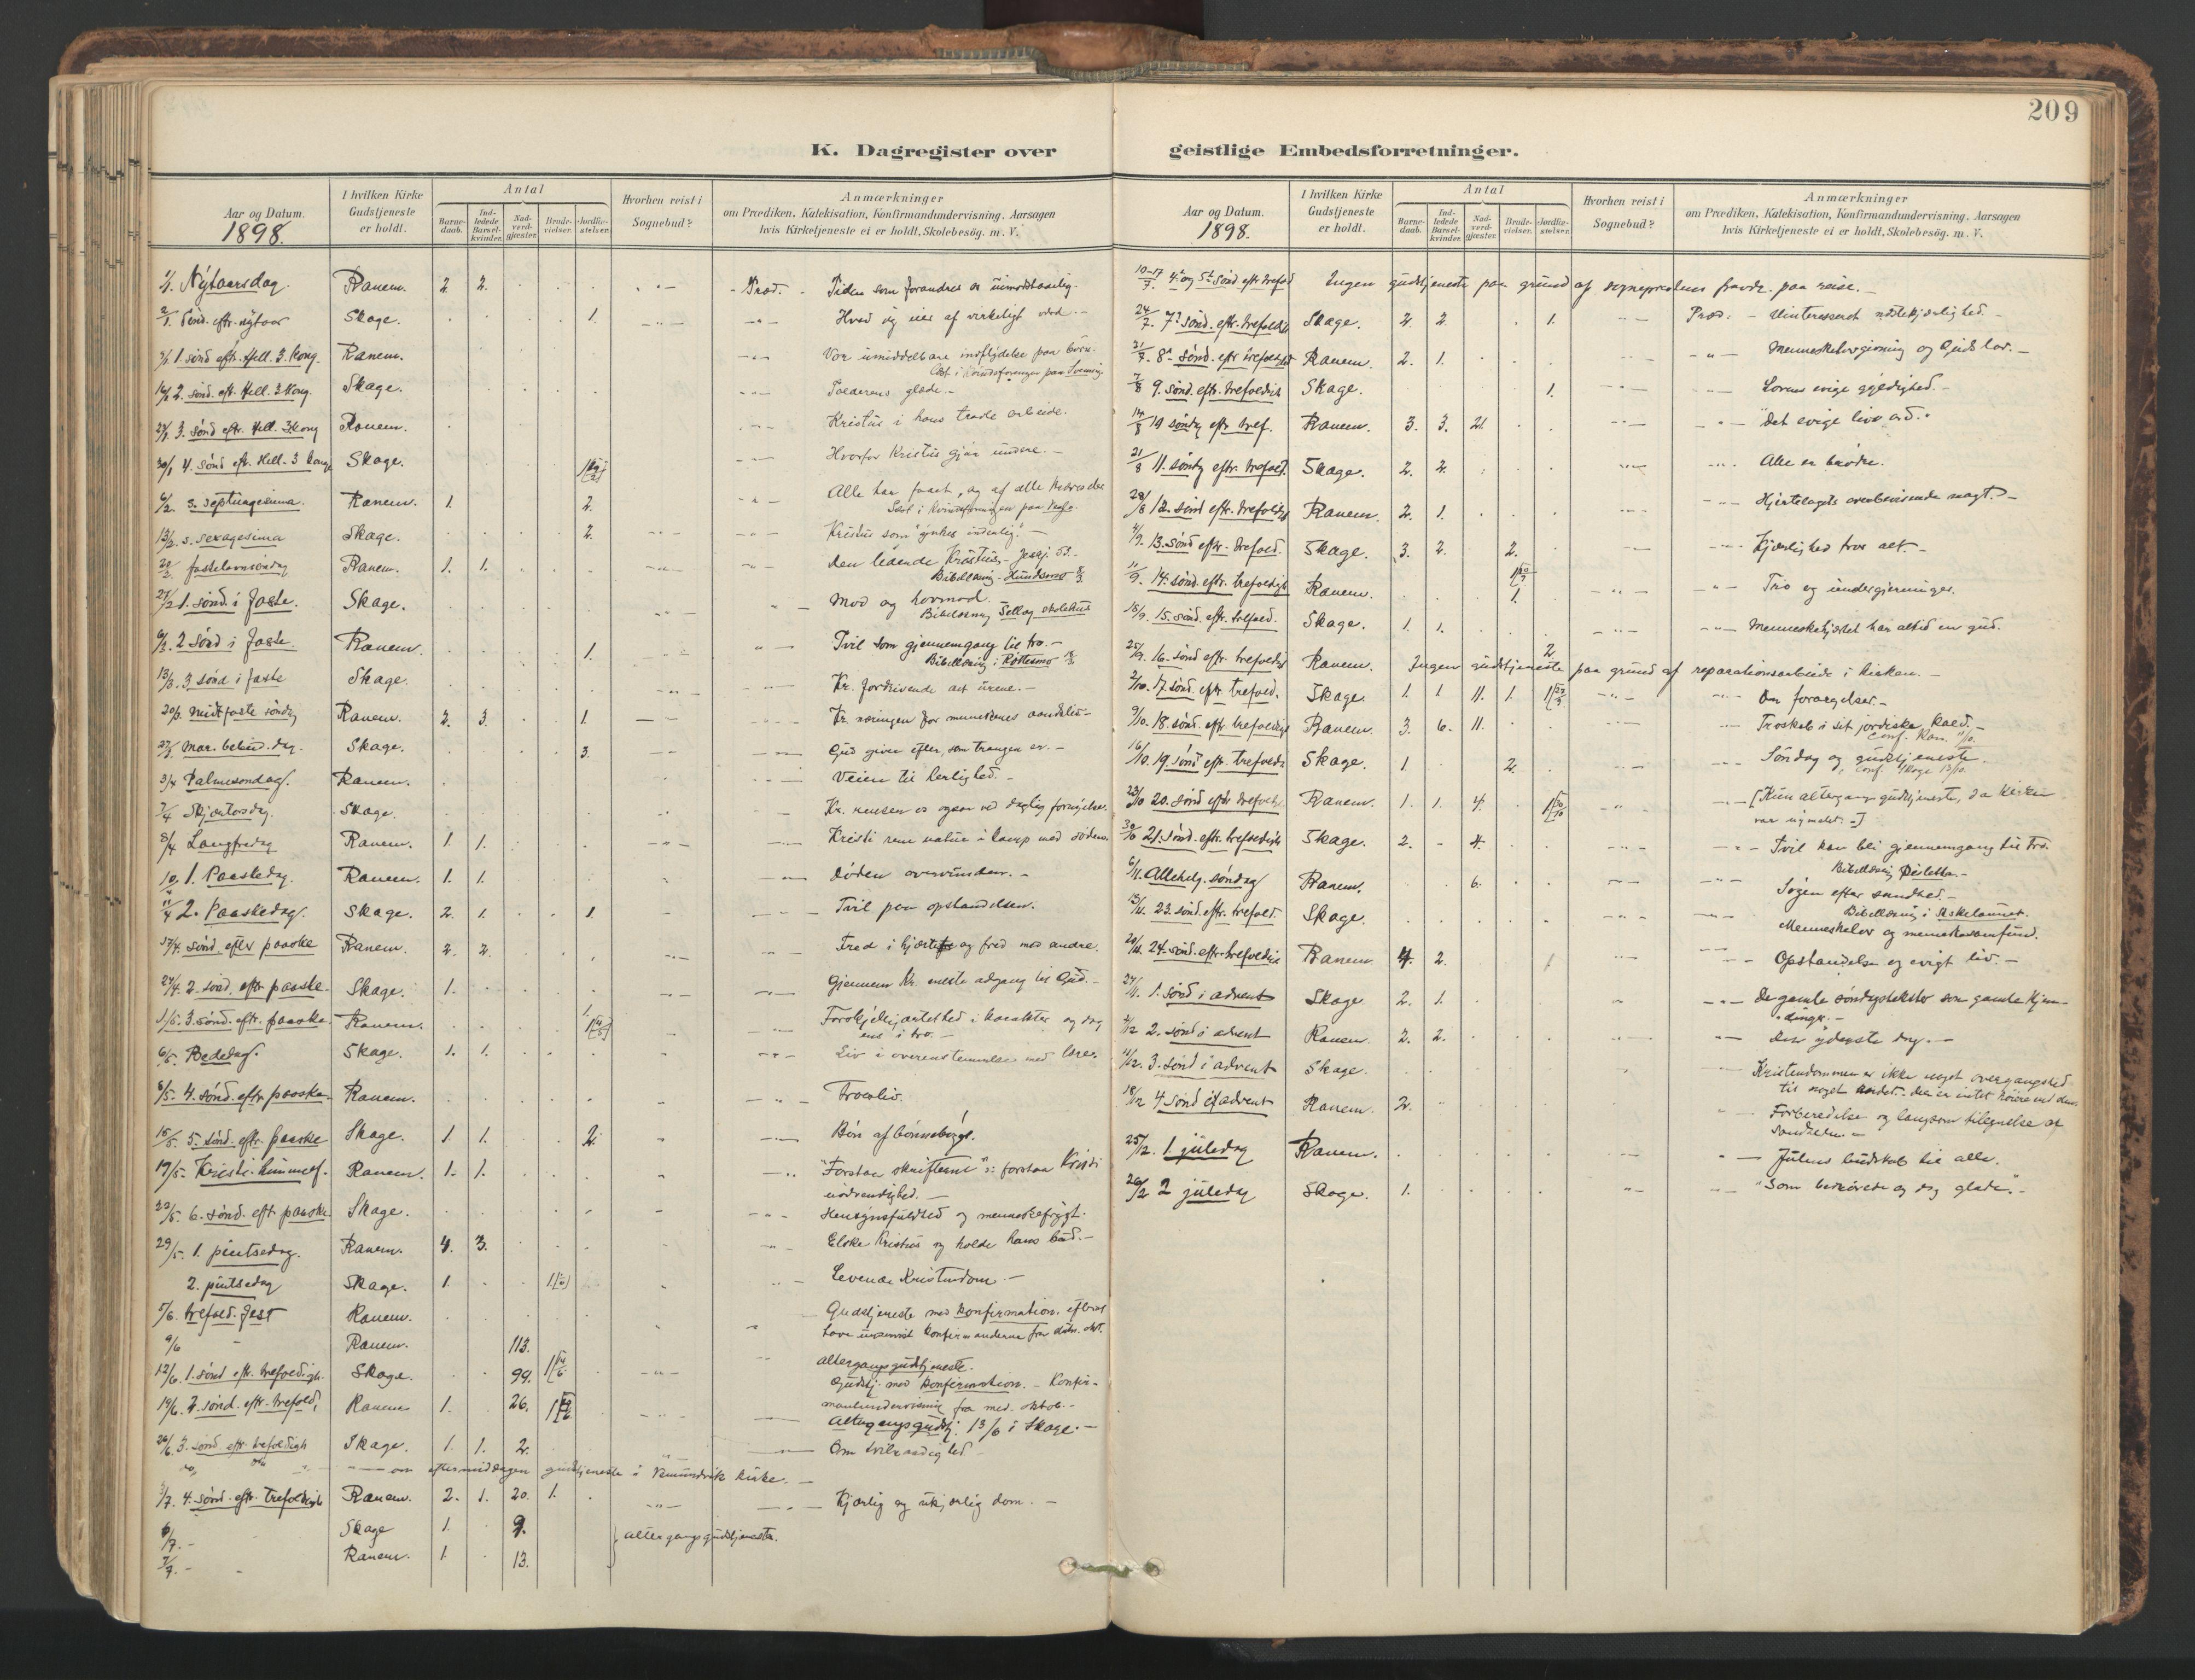 SAT, Ministerialprotokoller, klokkerbøker og fødselsregistre - Nord-Trøndelag, 764/L0556: Ministerialbok nr. 764A11, 1897-1924, s. 209